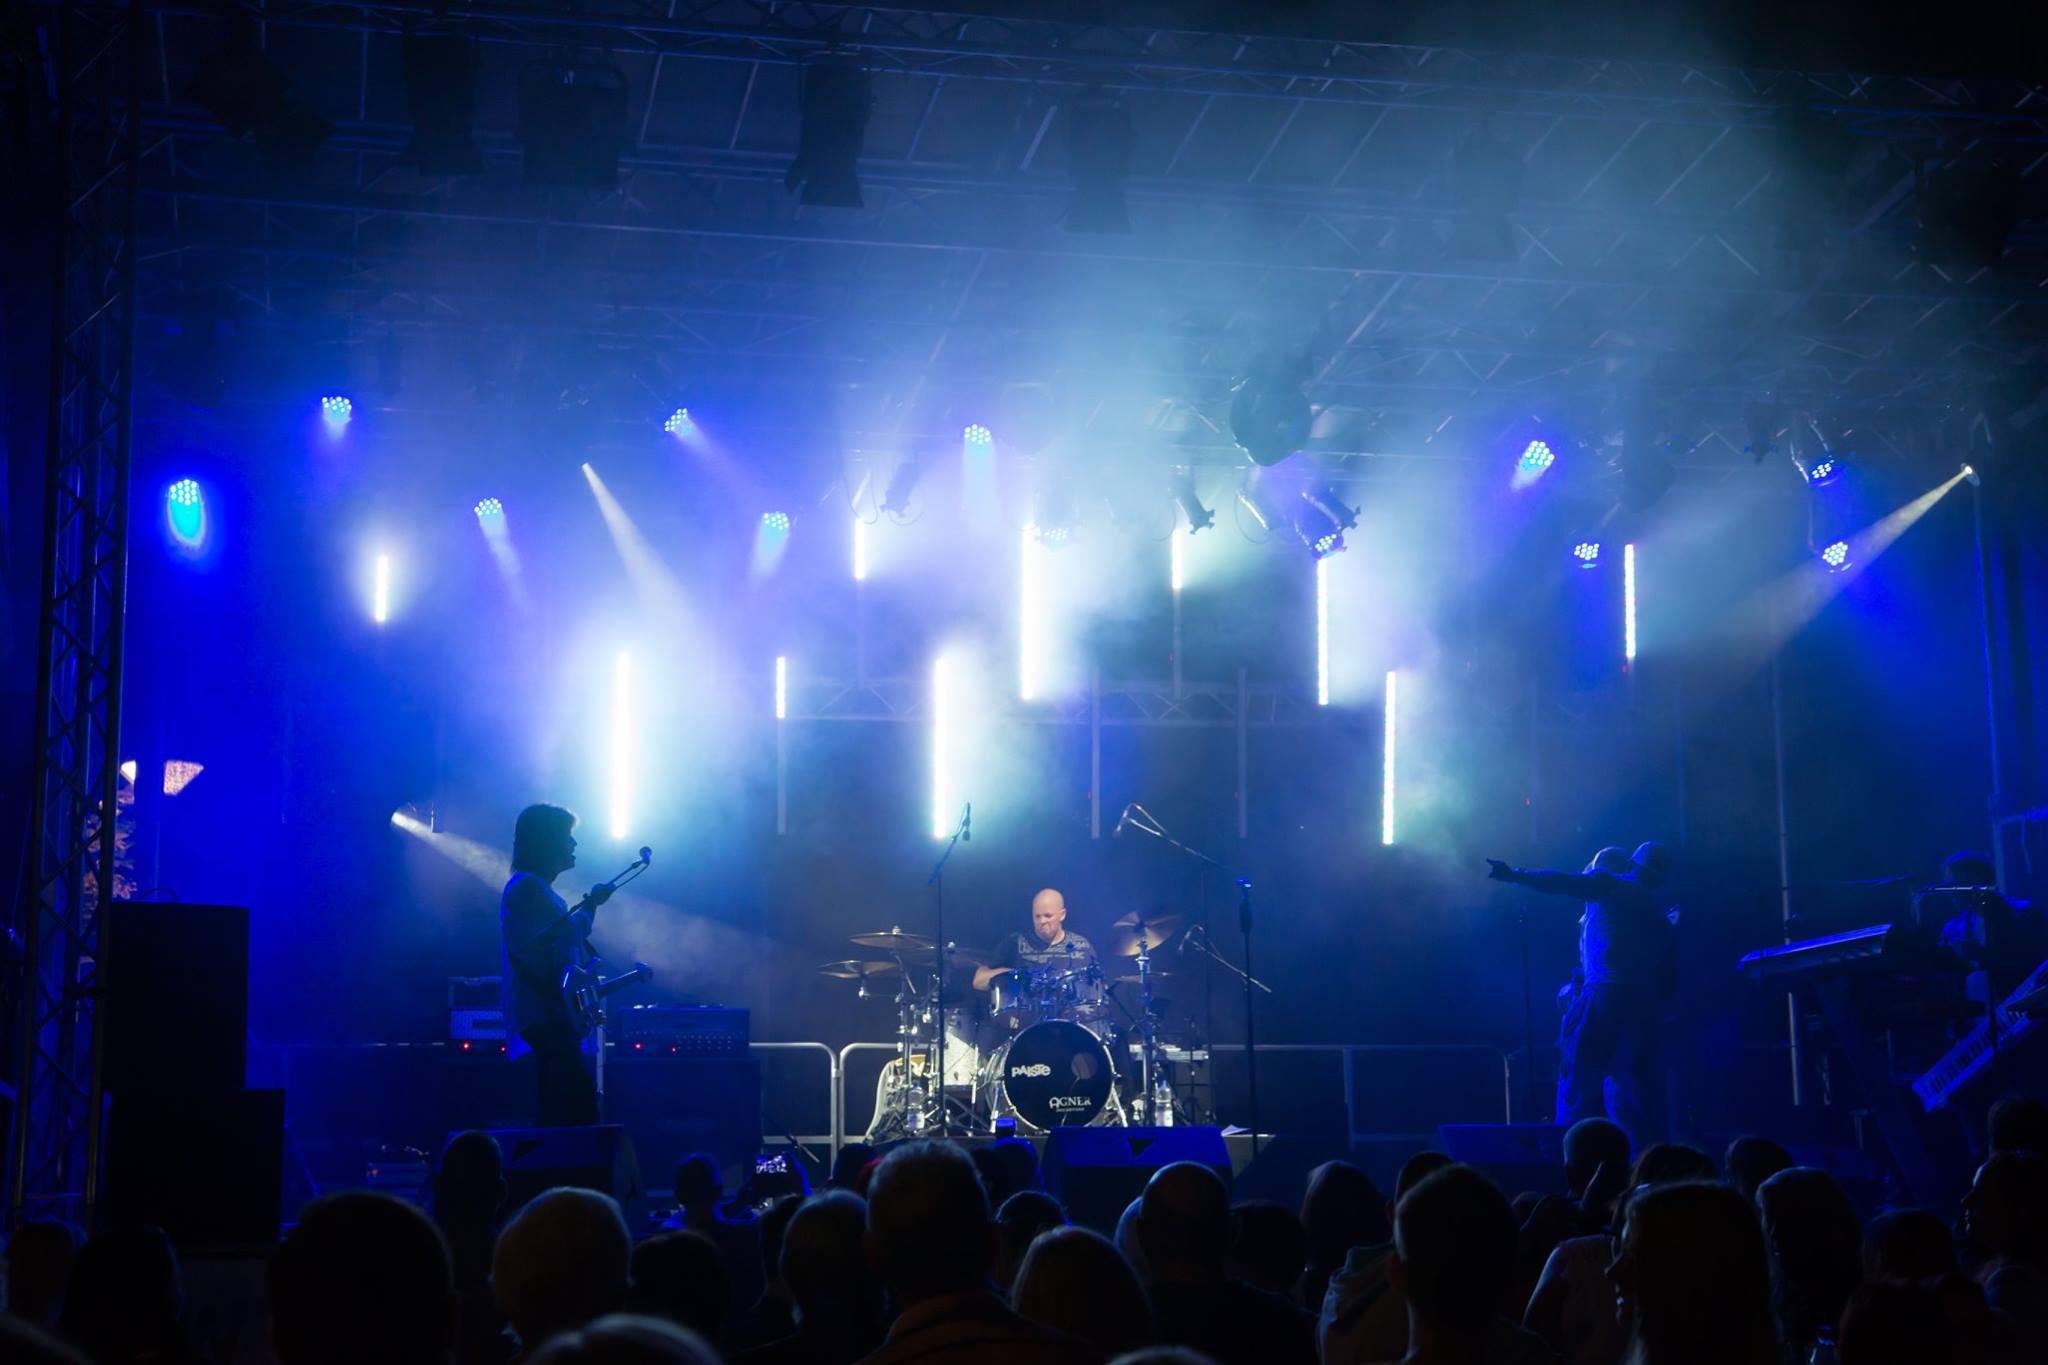 13988074_1651344685193751_680441485564724255_o Live-Band für Event, Messe, Gala, Show